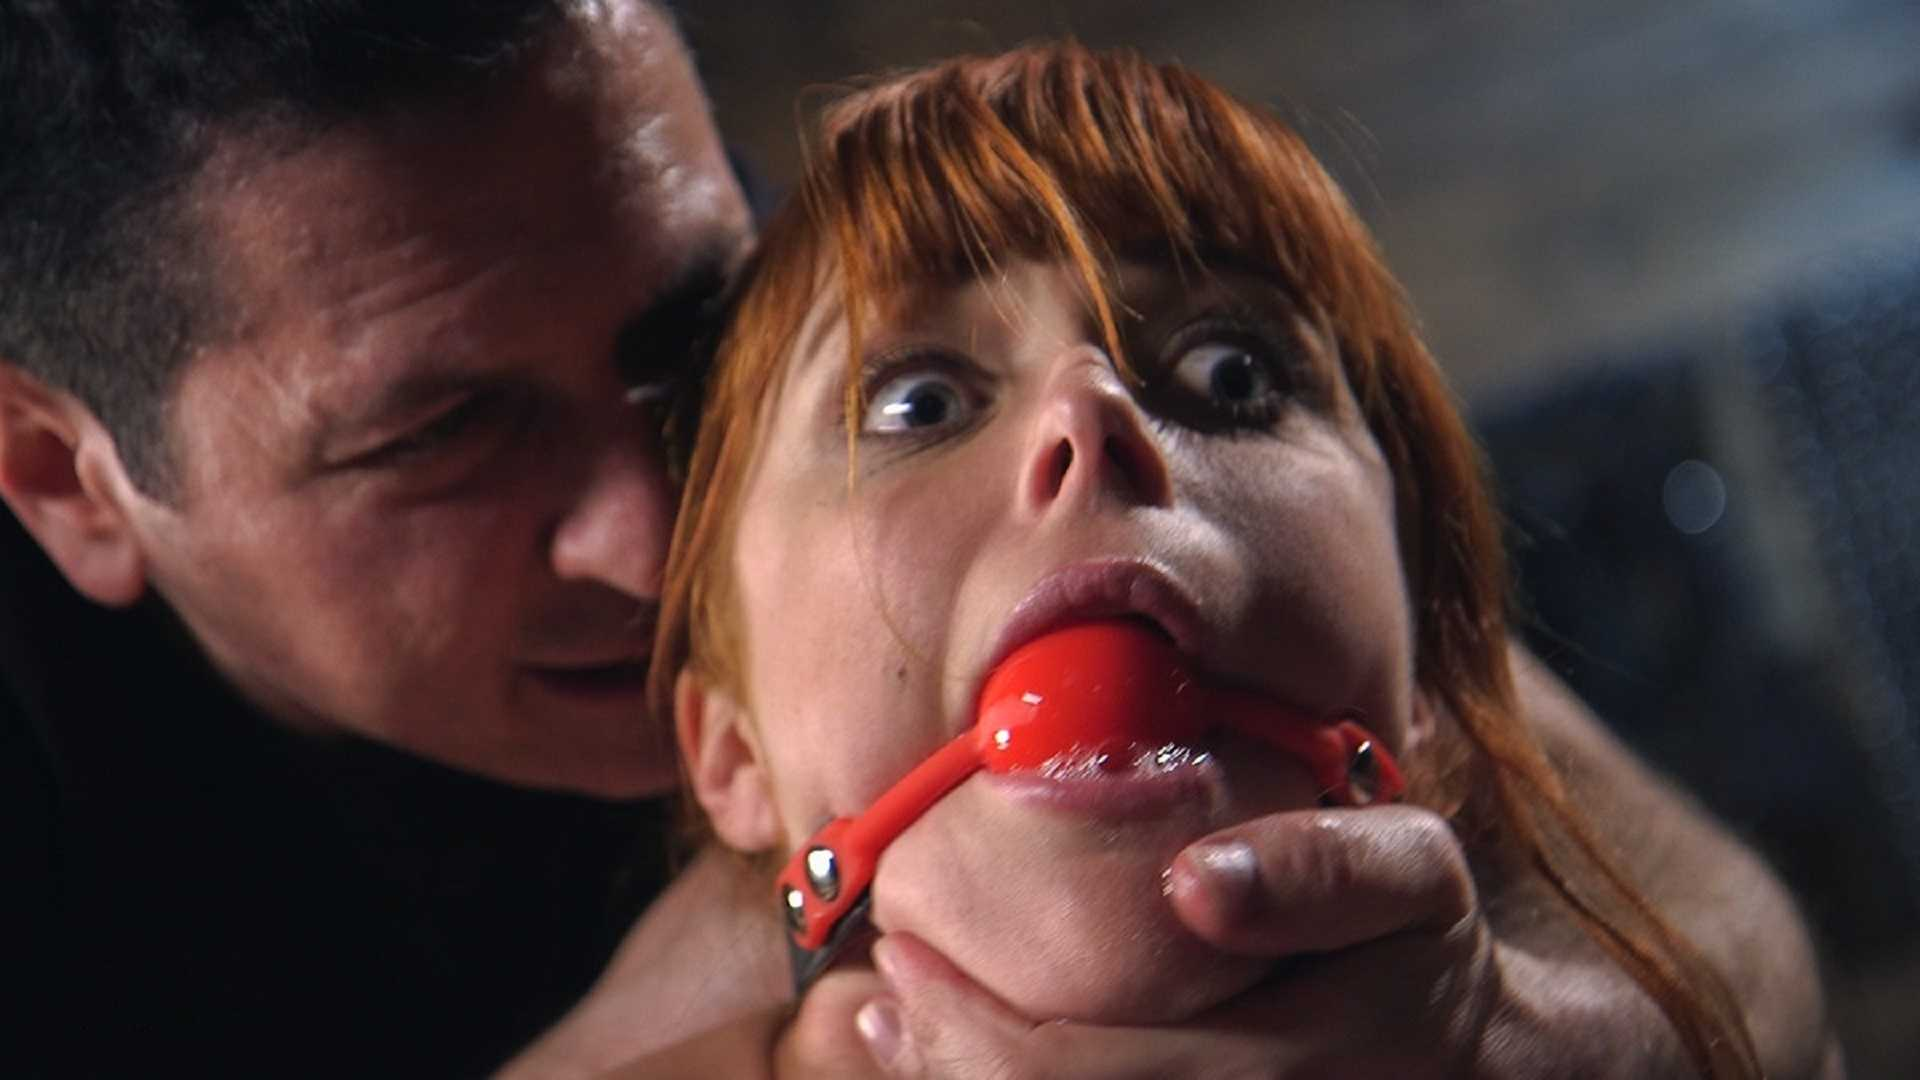 Captive Slut – Penny Pax | HD 720p | May 5, 2017